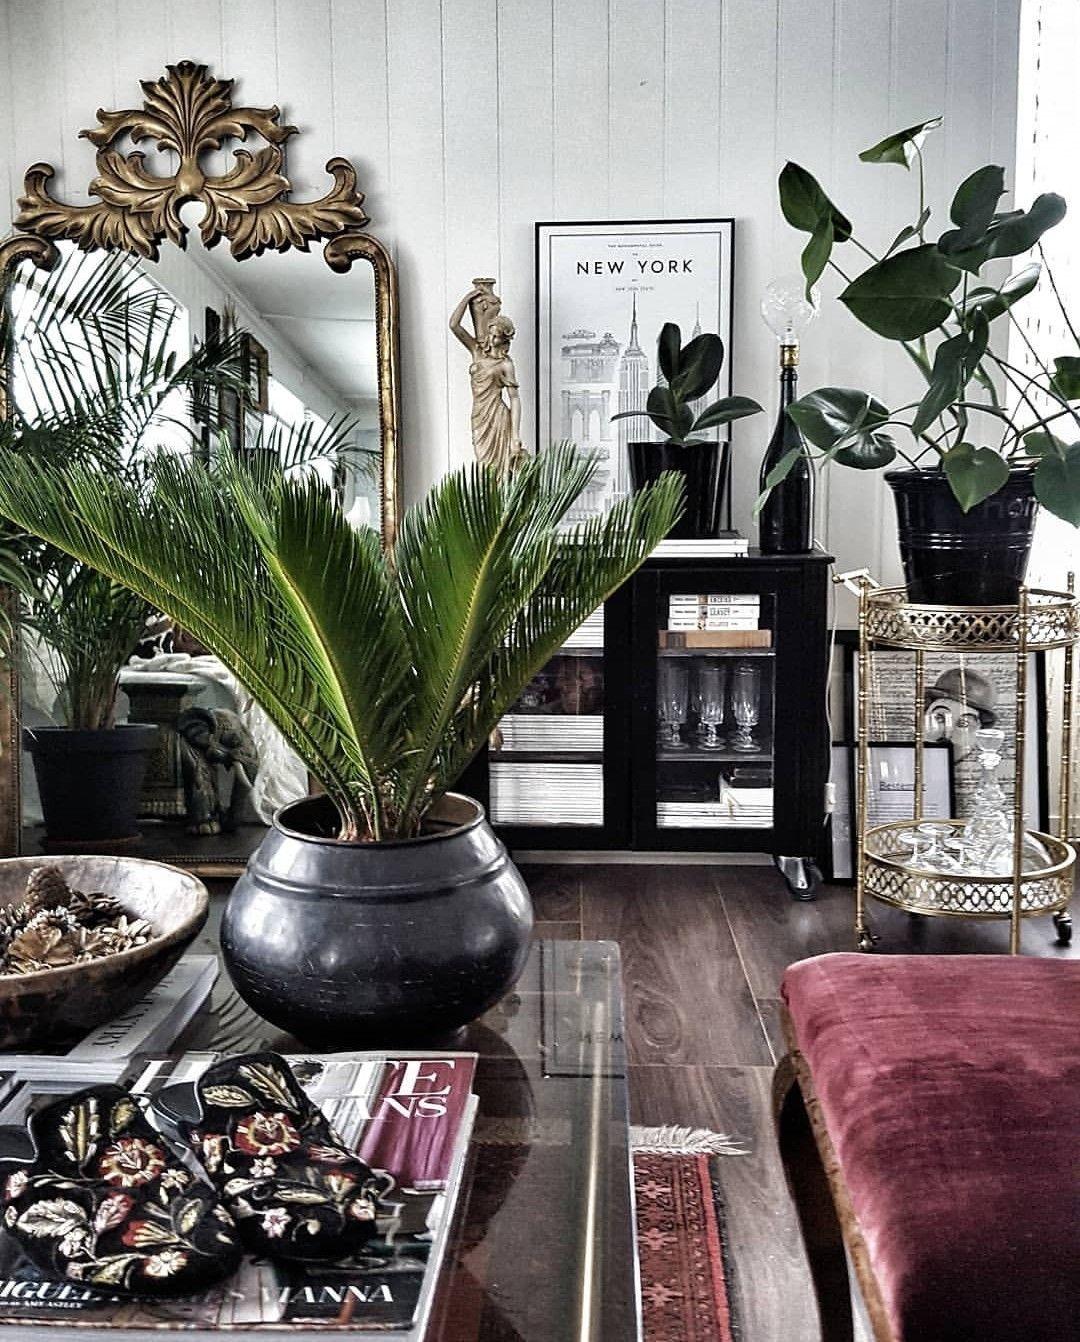 Einzigartig Wohnung Schlafzimmer Design Ideen Dekorieren: Pin Von GrandFamos Auf COUCH & Livingroom